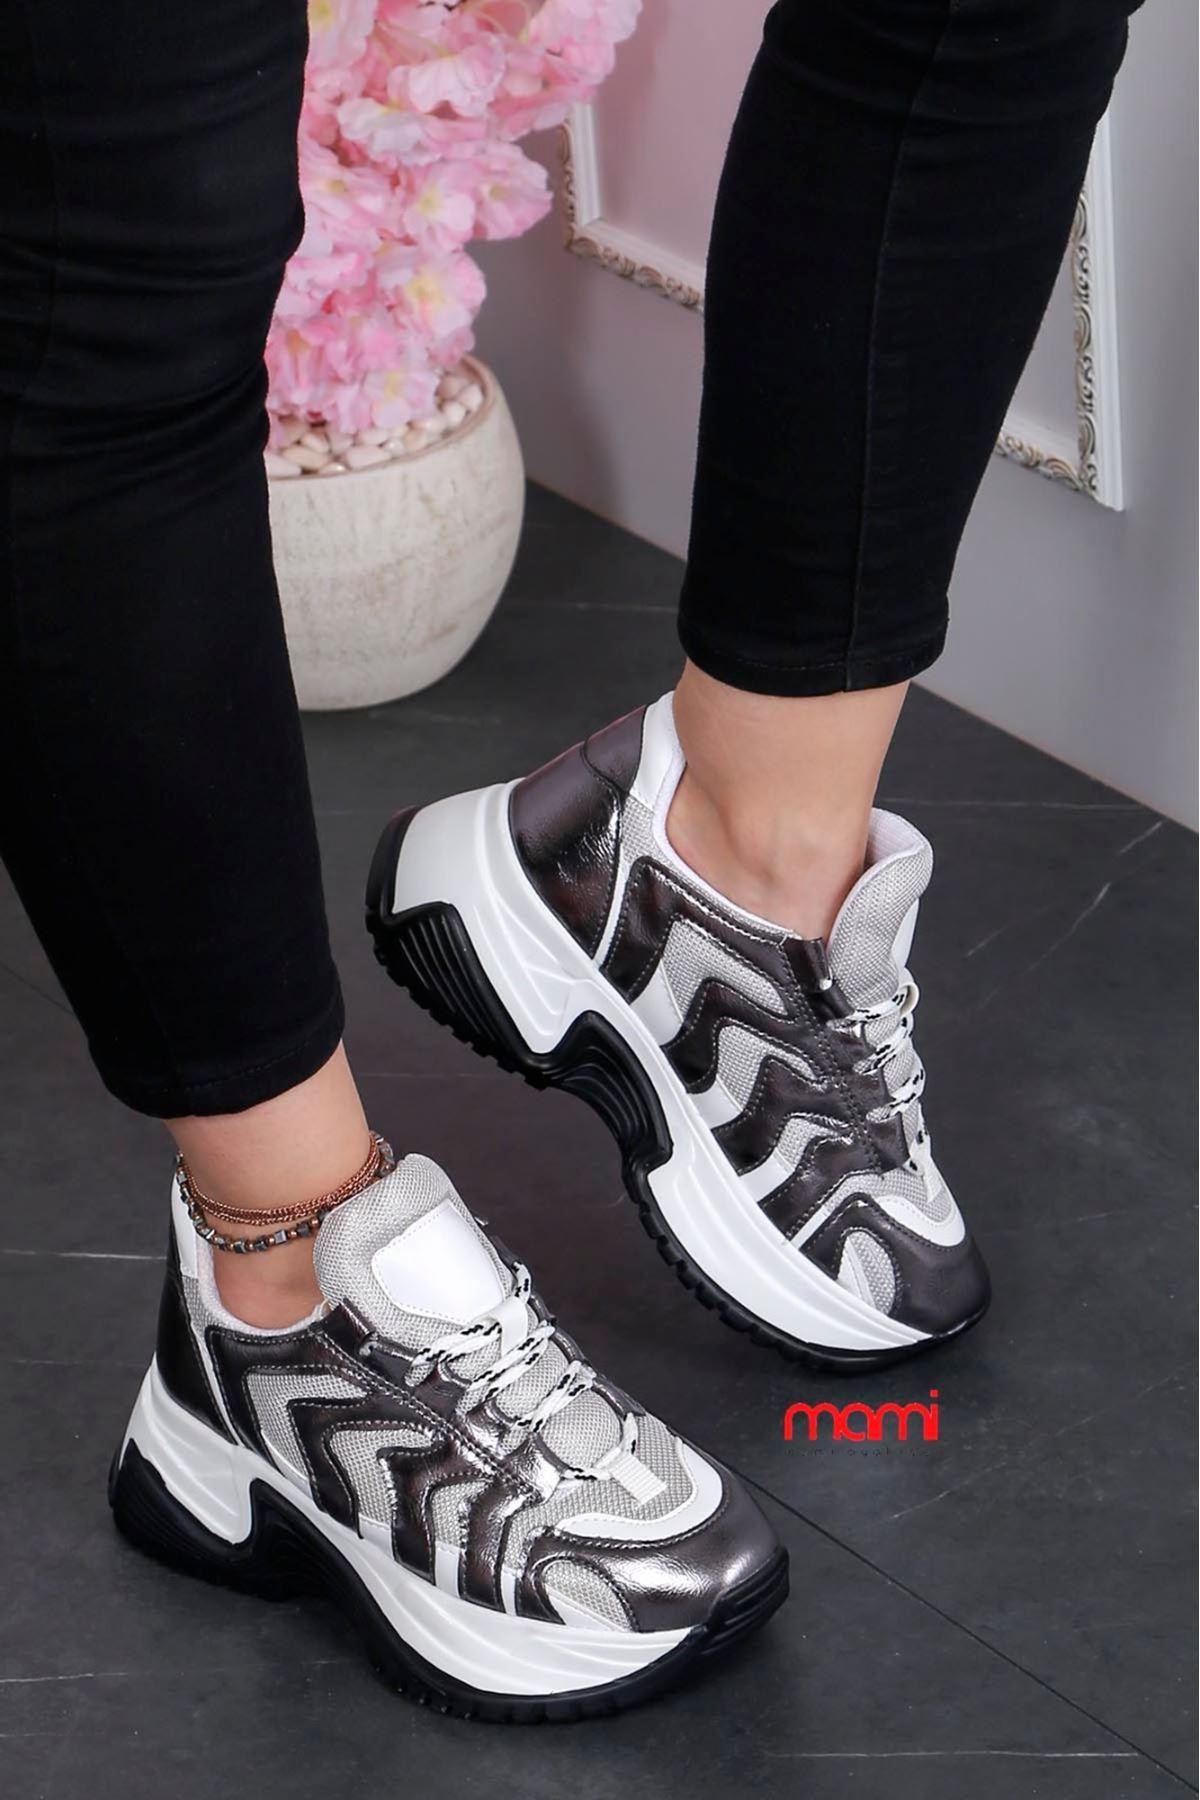 Mk-101 Yazlık Anorak Spor Ayakkabı Platin